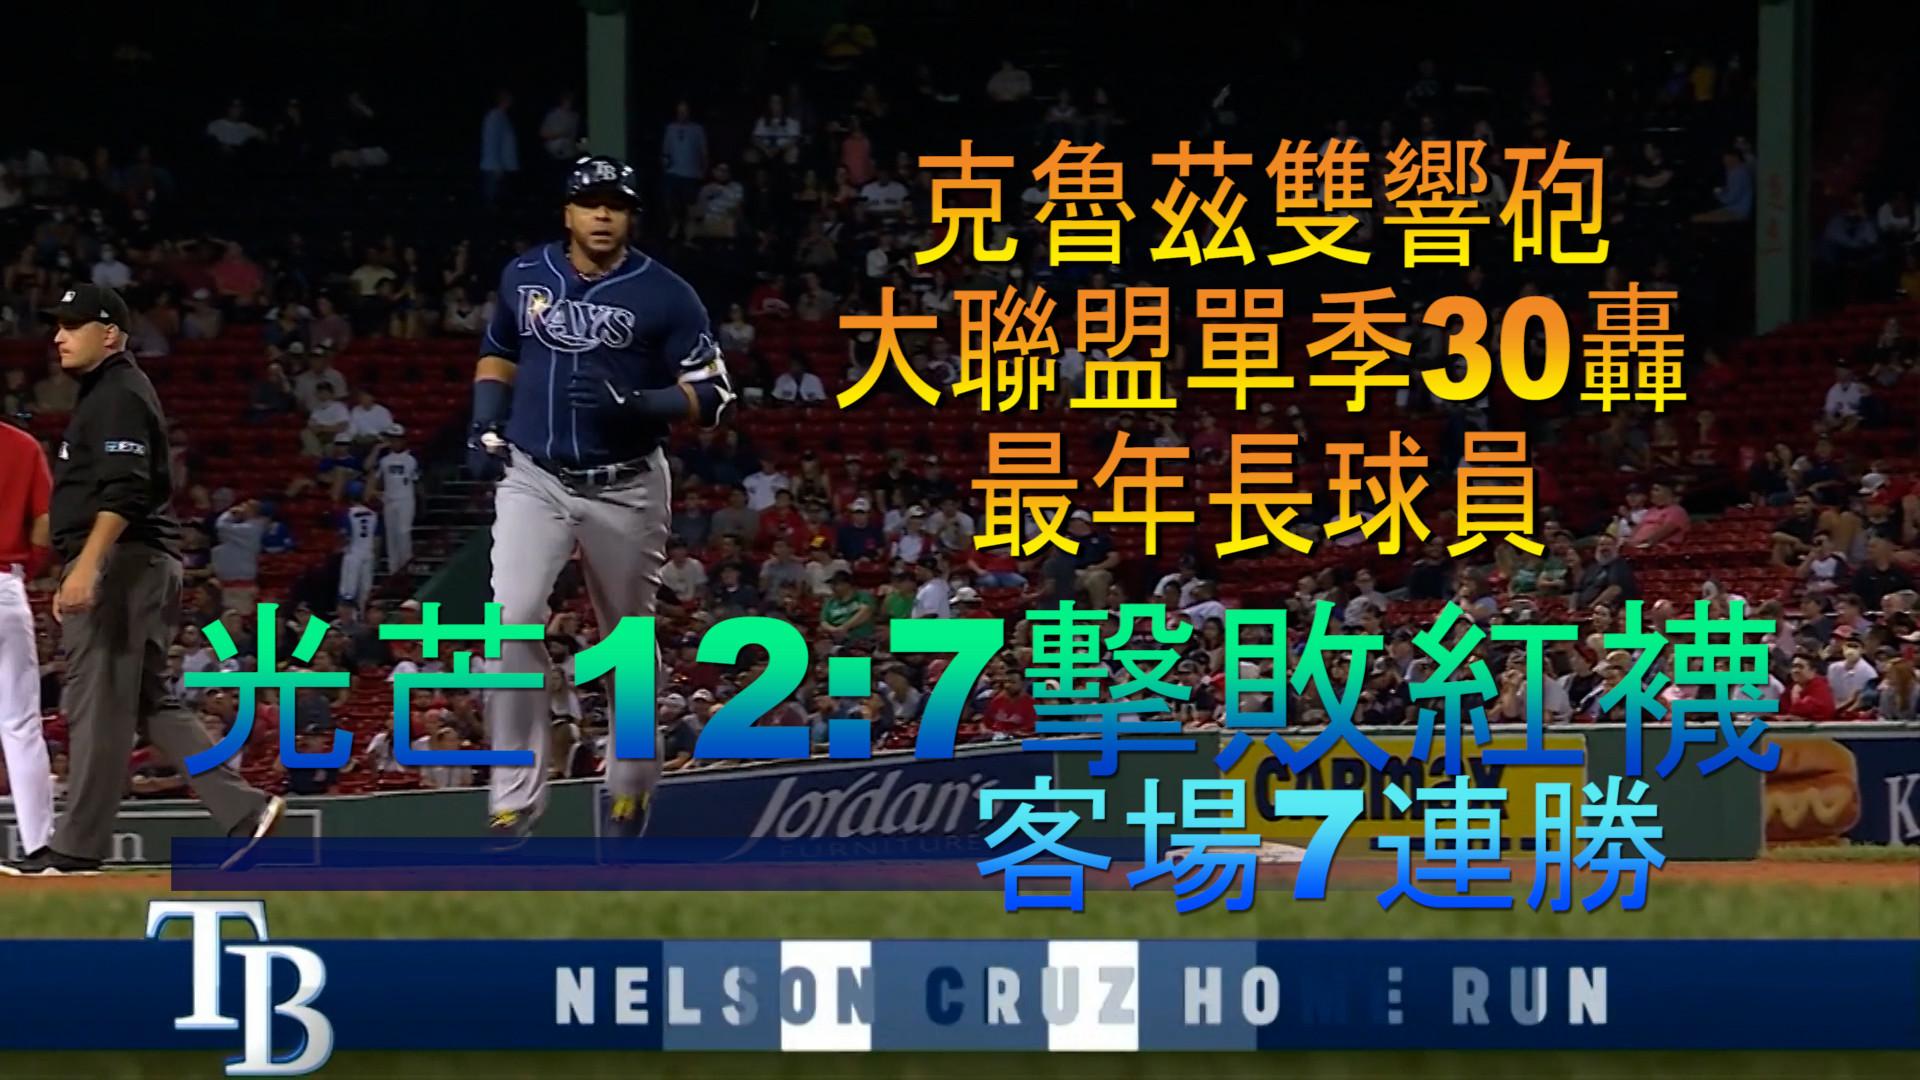 【MLB看愛爾達】41歲克魯茲雙響砲 光芒12:7紅襪 09/08